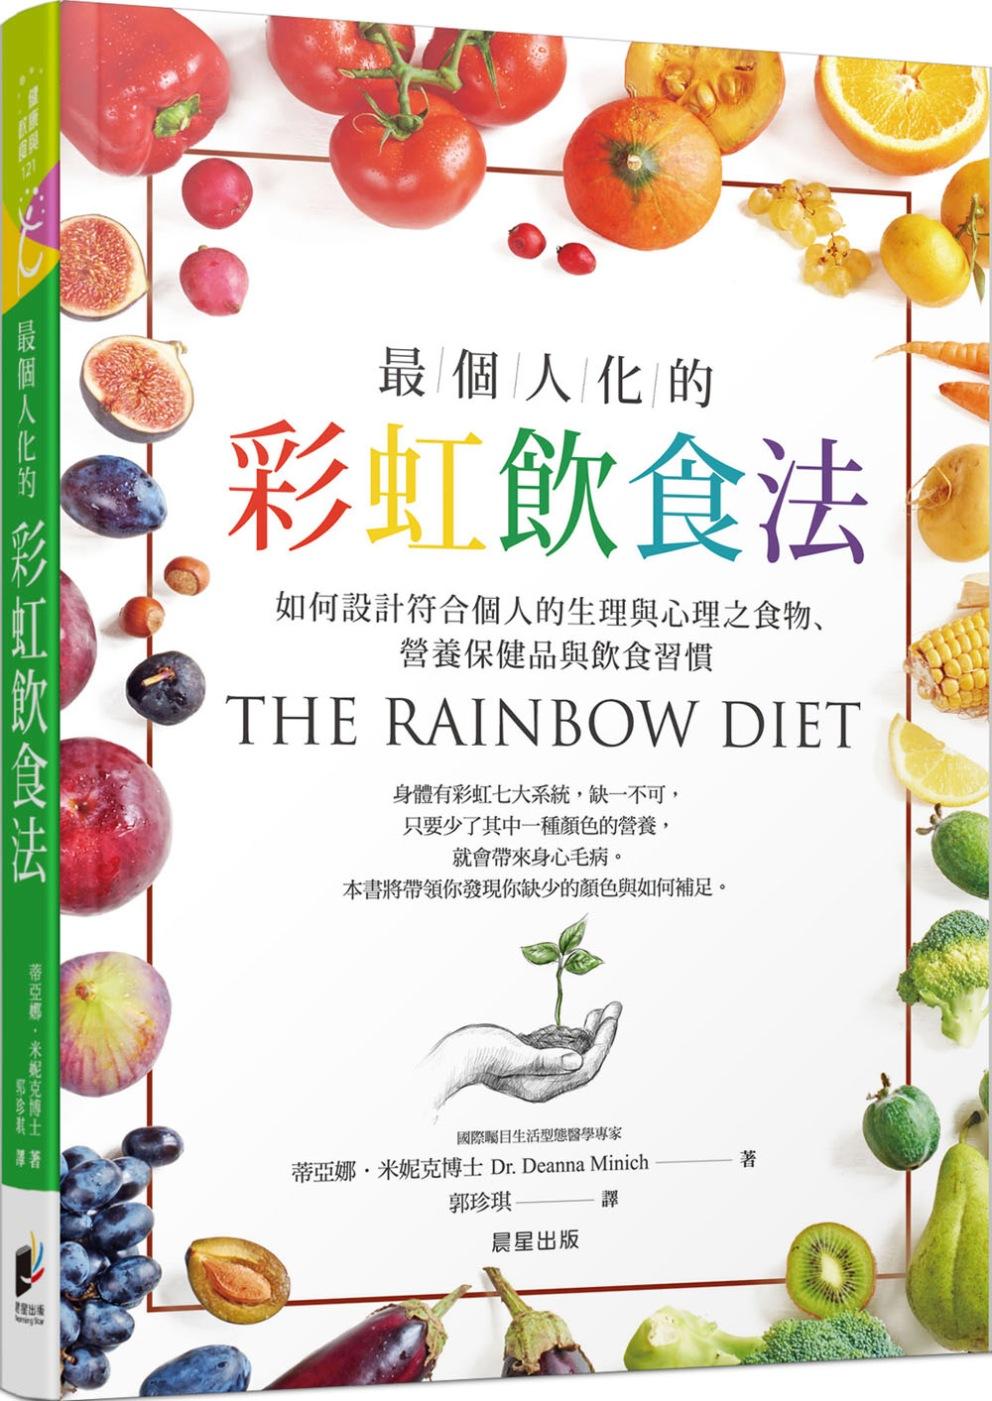 ◤博客來BOOKS◢ 暢銷書榜《推薦》最個人化的彩虹飲食法:如何設計符合個人的生理與心理之食物、營養保健品與飲食習慣